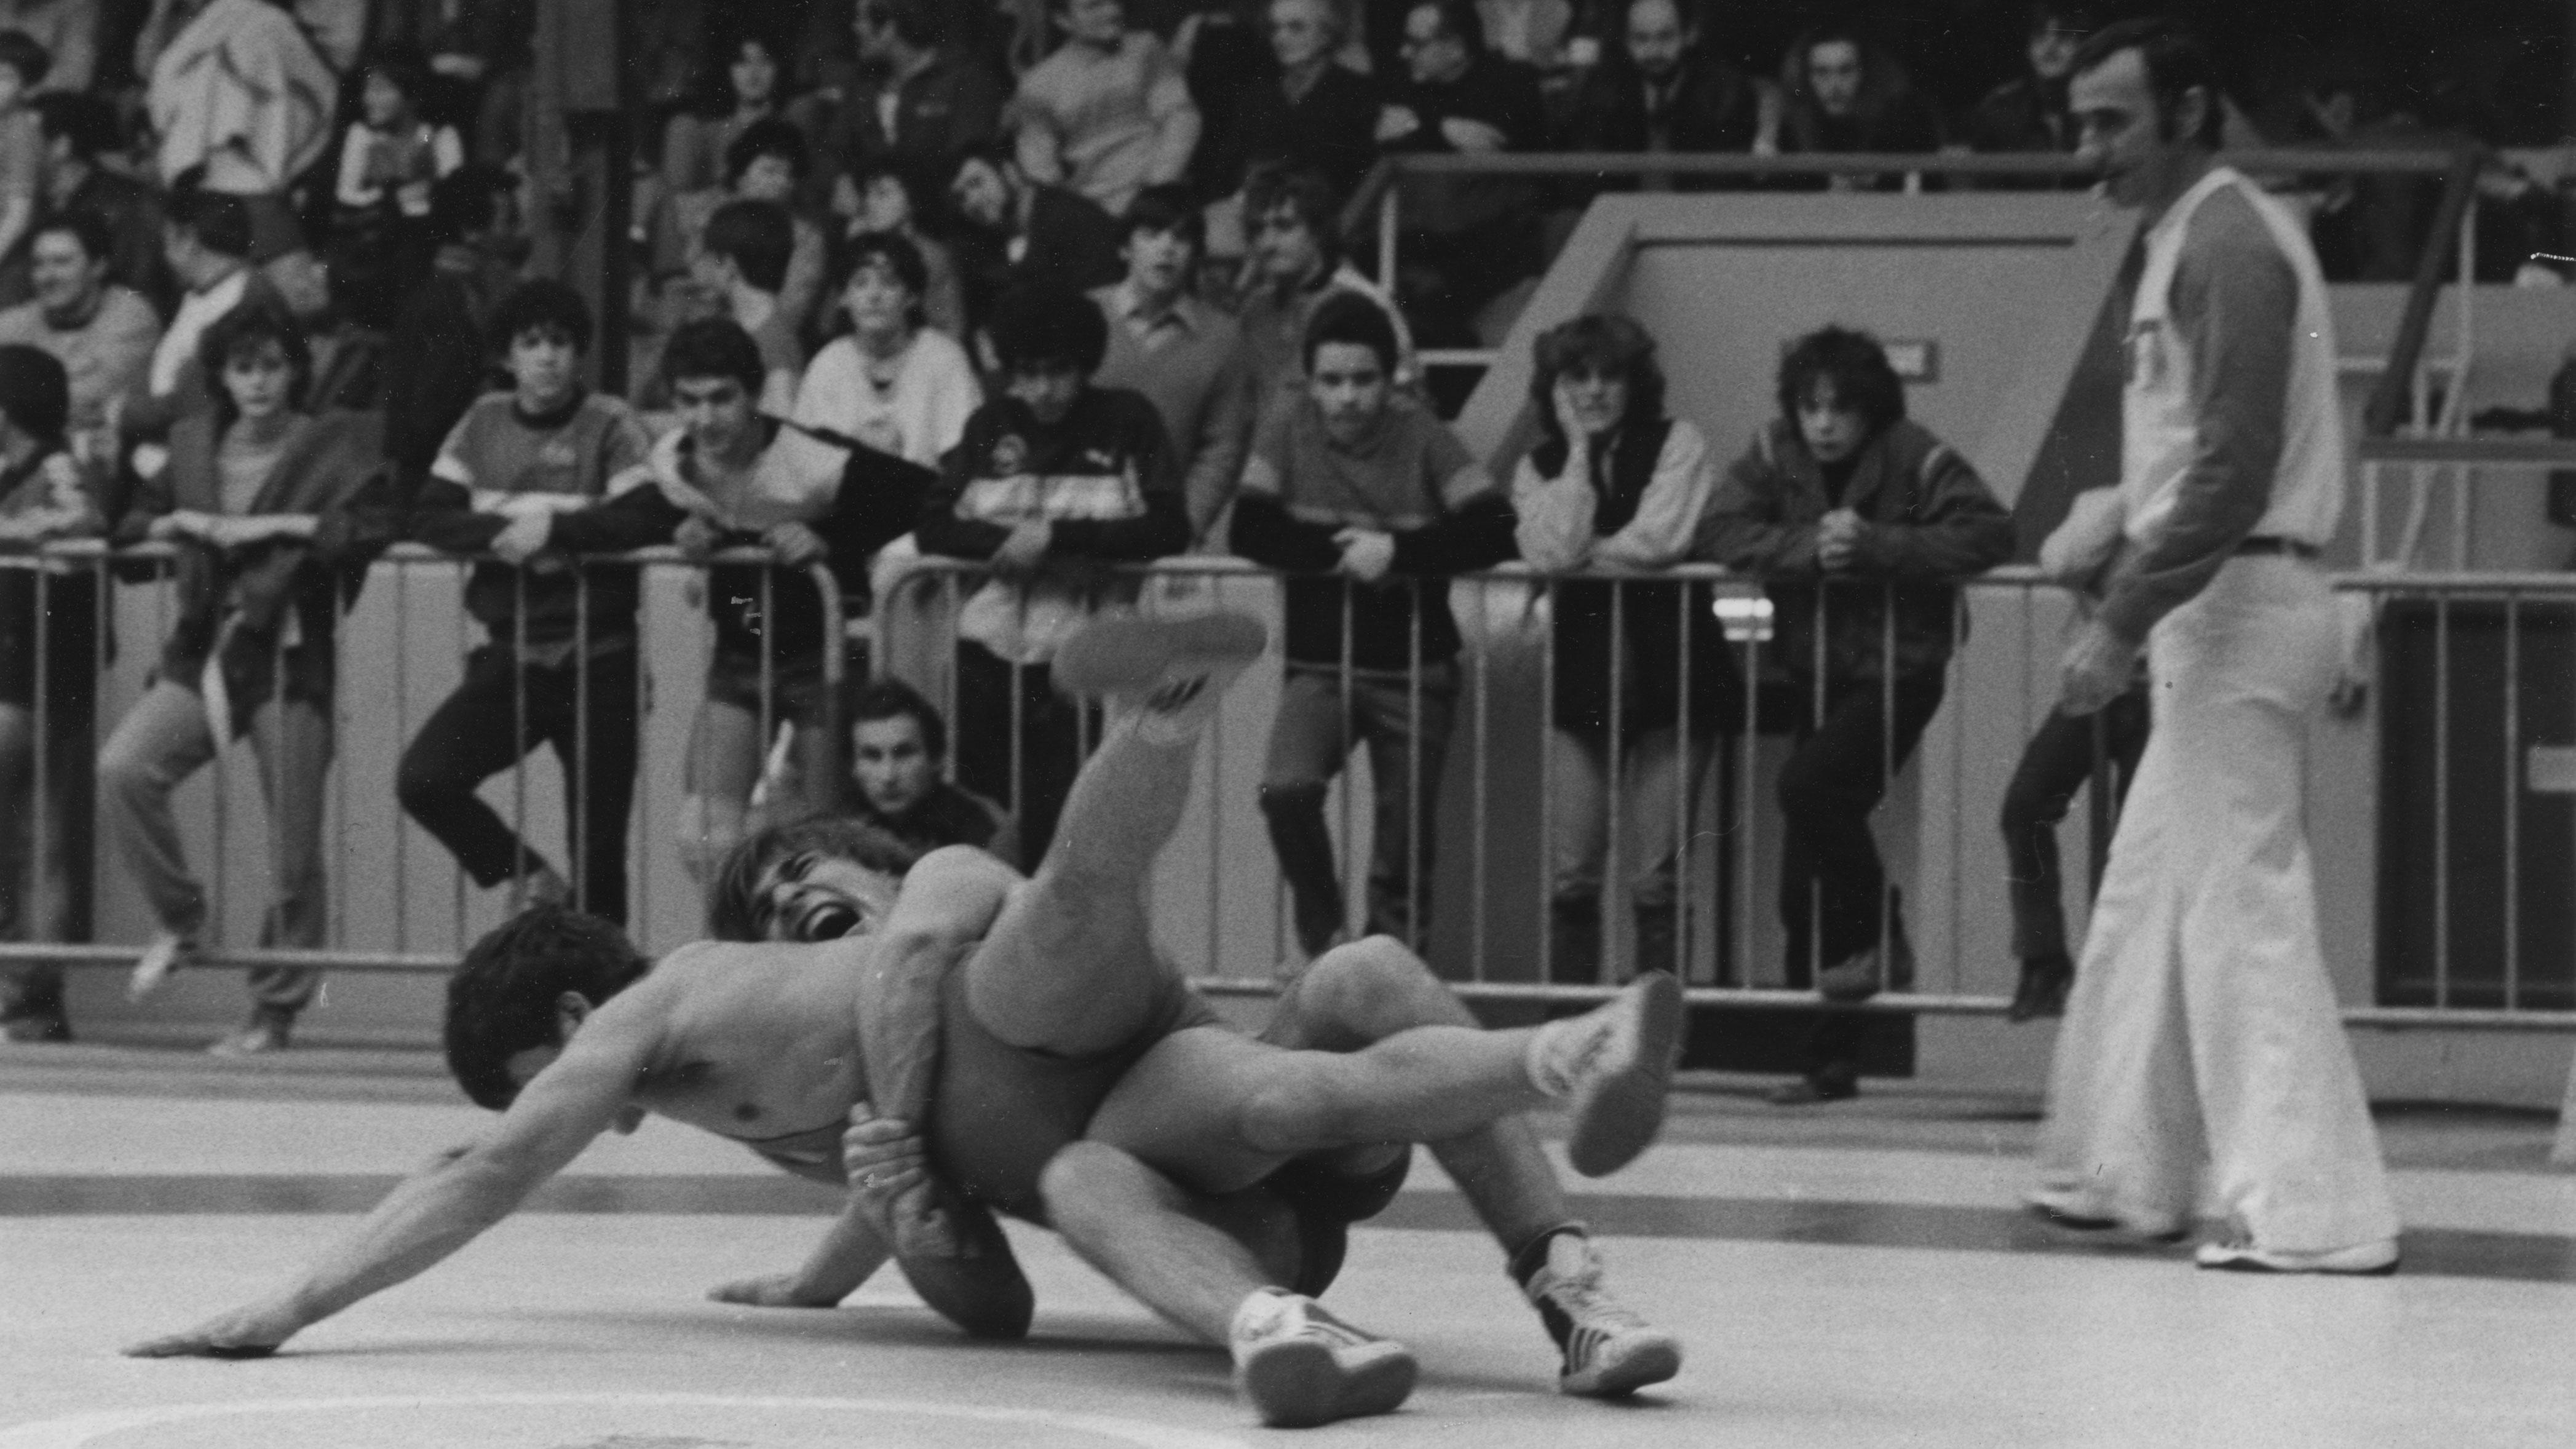 Photo de l'activité sportive lutte lors d'un tournoi